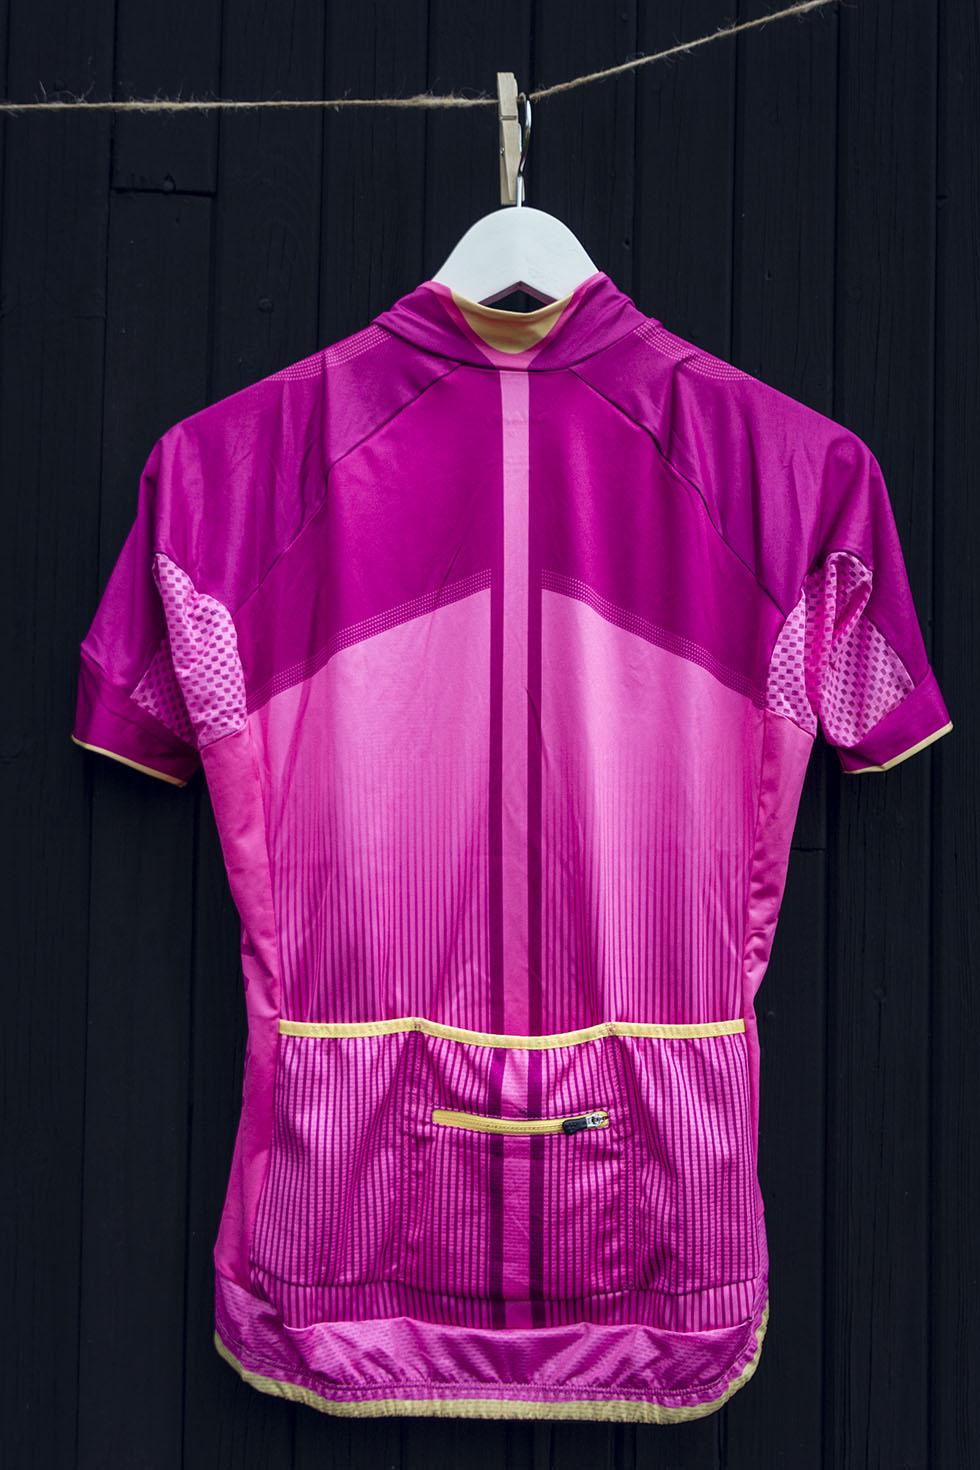 craft cykelkläder jersey IMG_7914